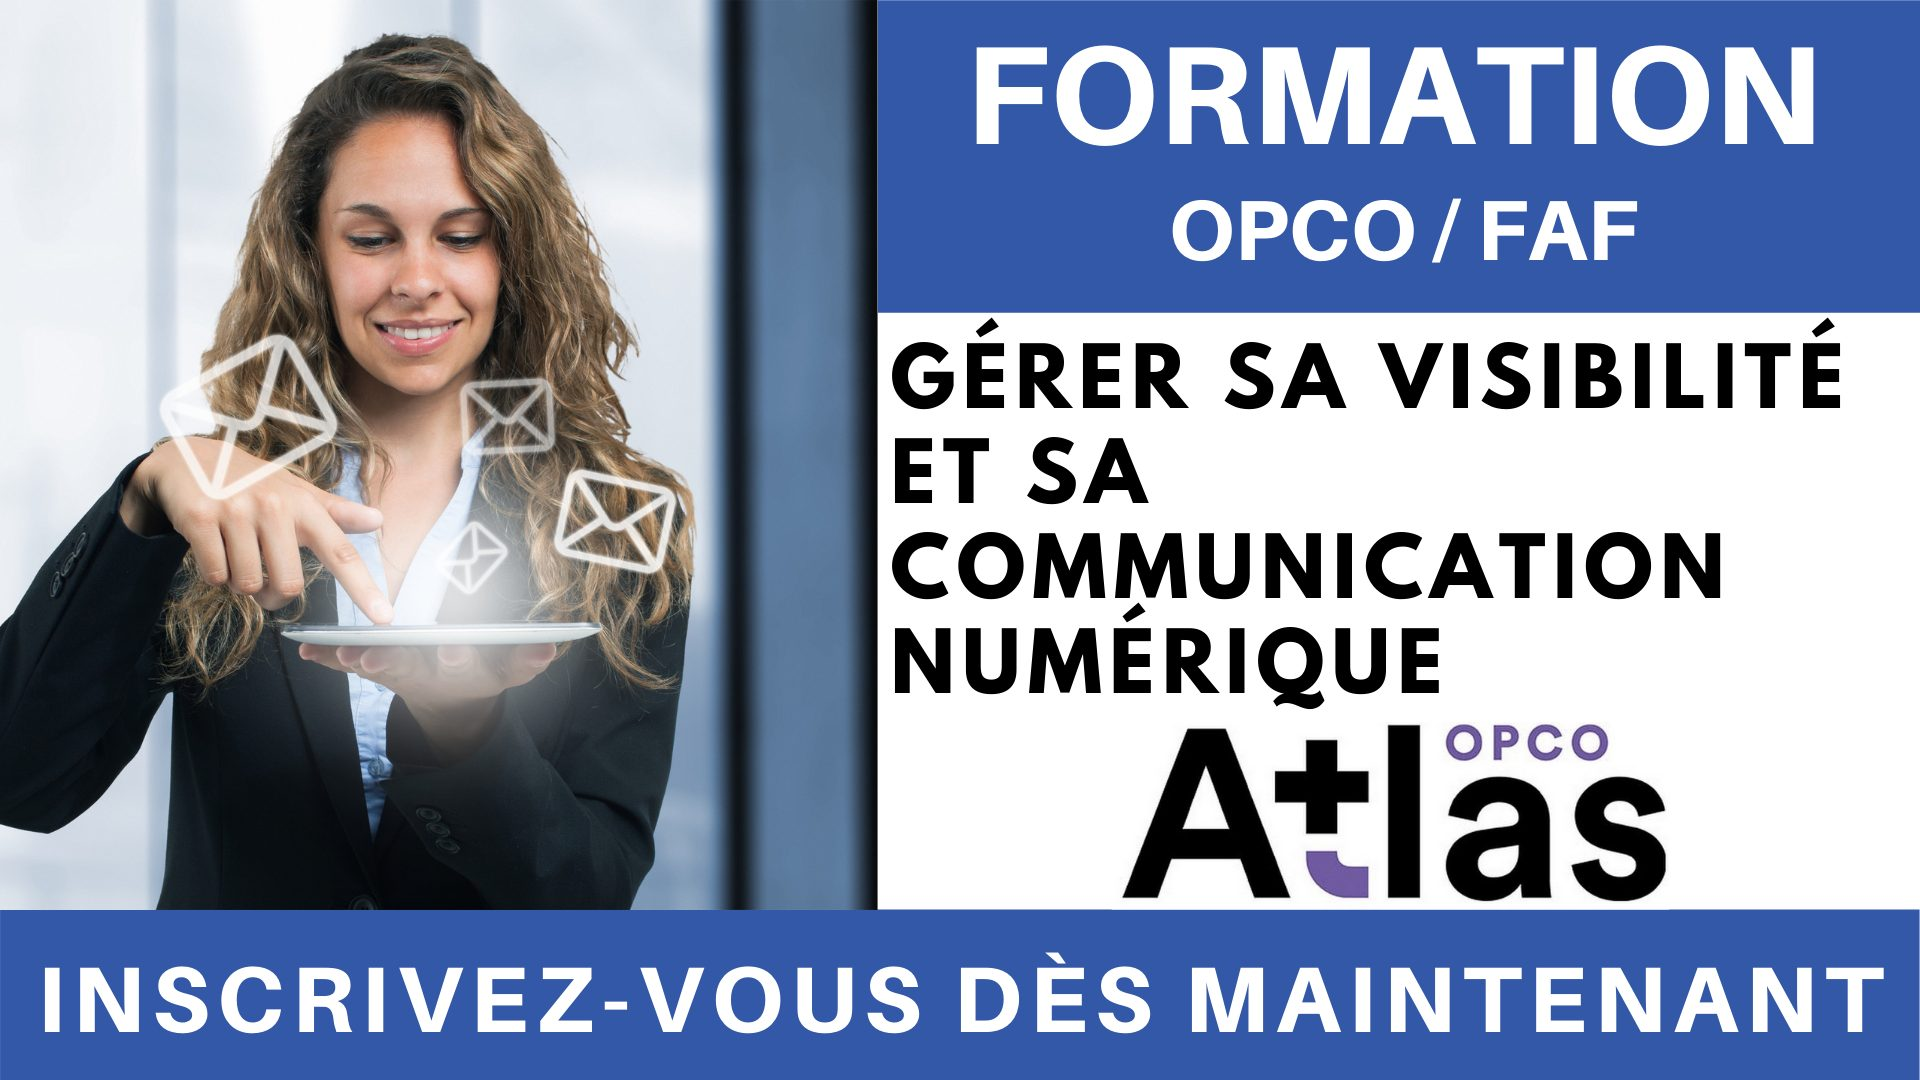 Formation OPCO FAF - Gérer sa visibilité et sa communication numérique